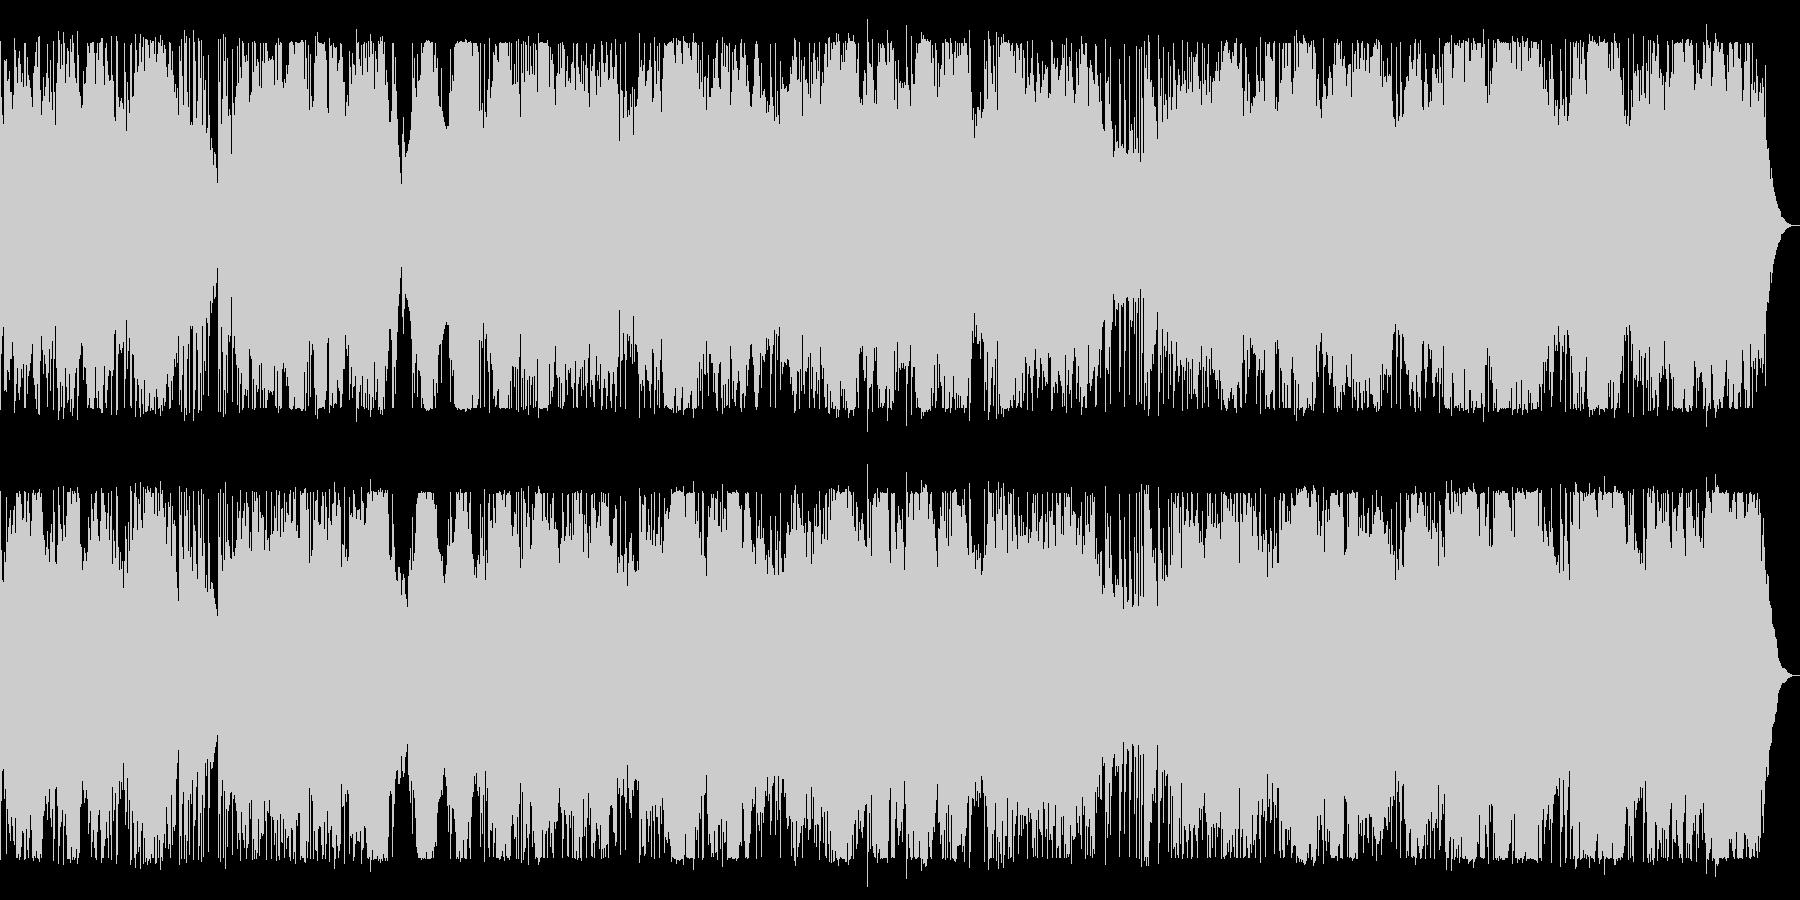 ドラム、ベース、シンセのダークなBGMの未再生の波形